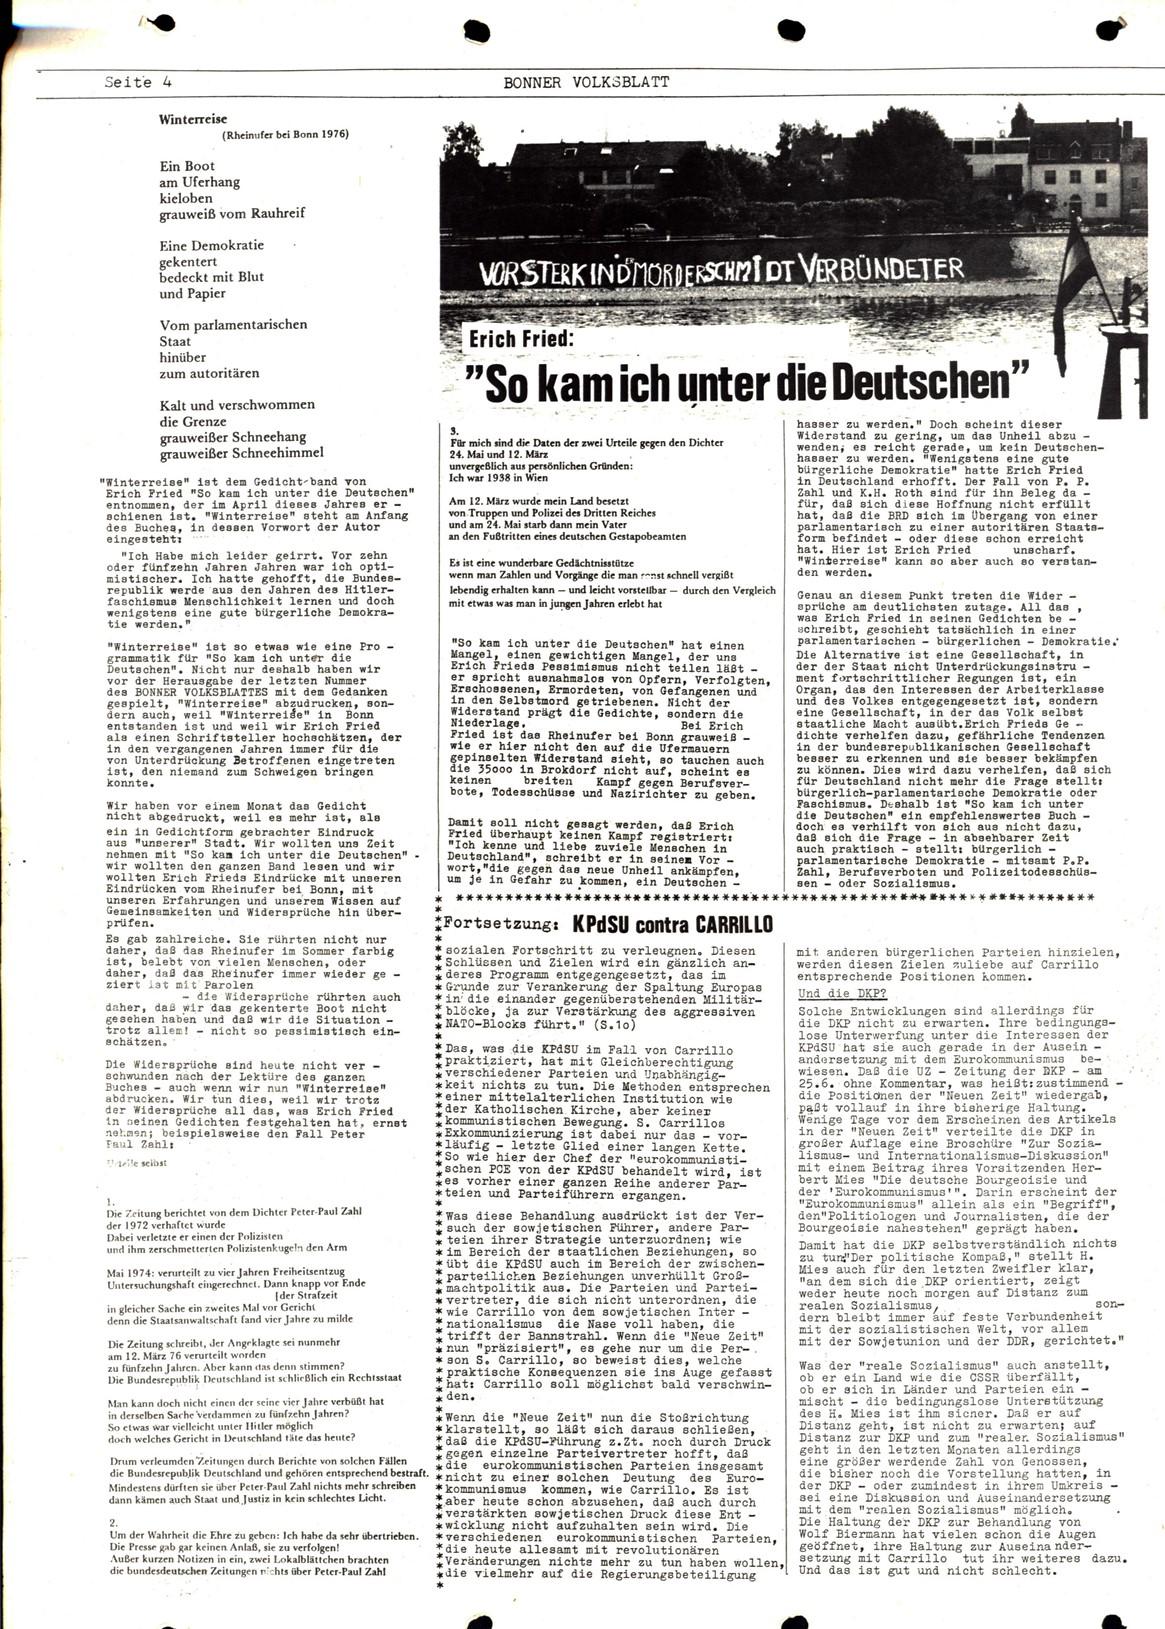 Bonner_Volksblatt_03_19770720_04